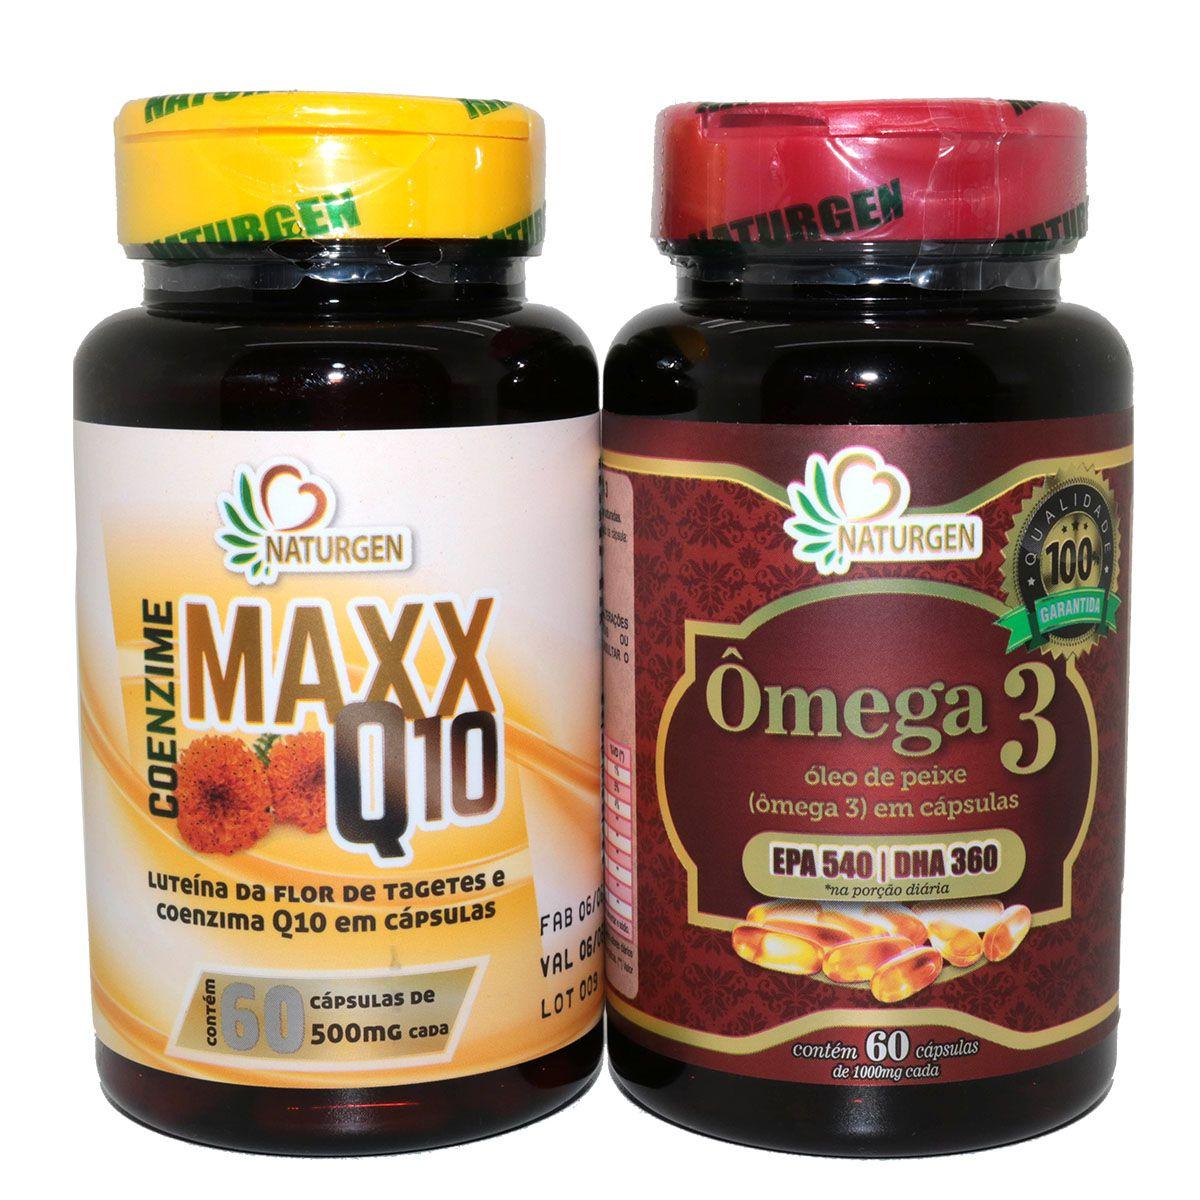 Coenzima Q10 Luteina Zeaxantina + Omega 3